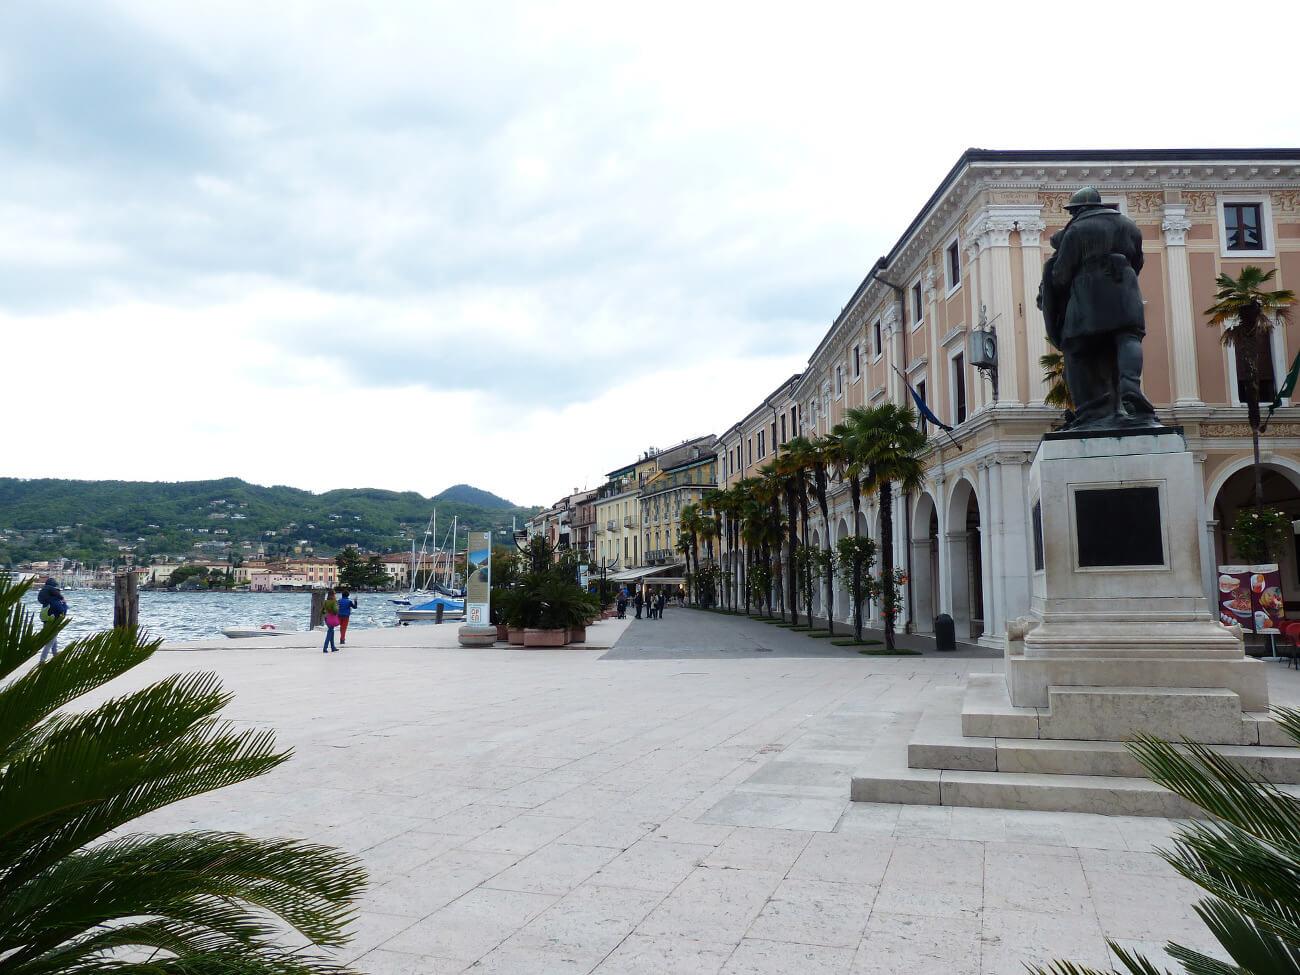 Salo Promenade